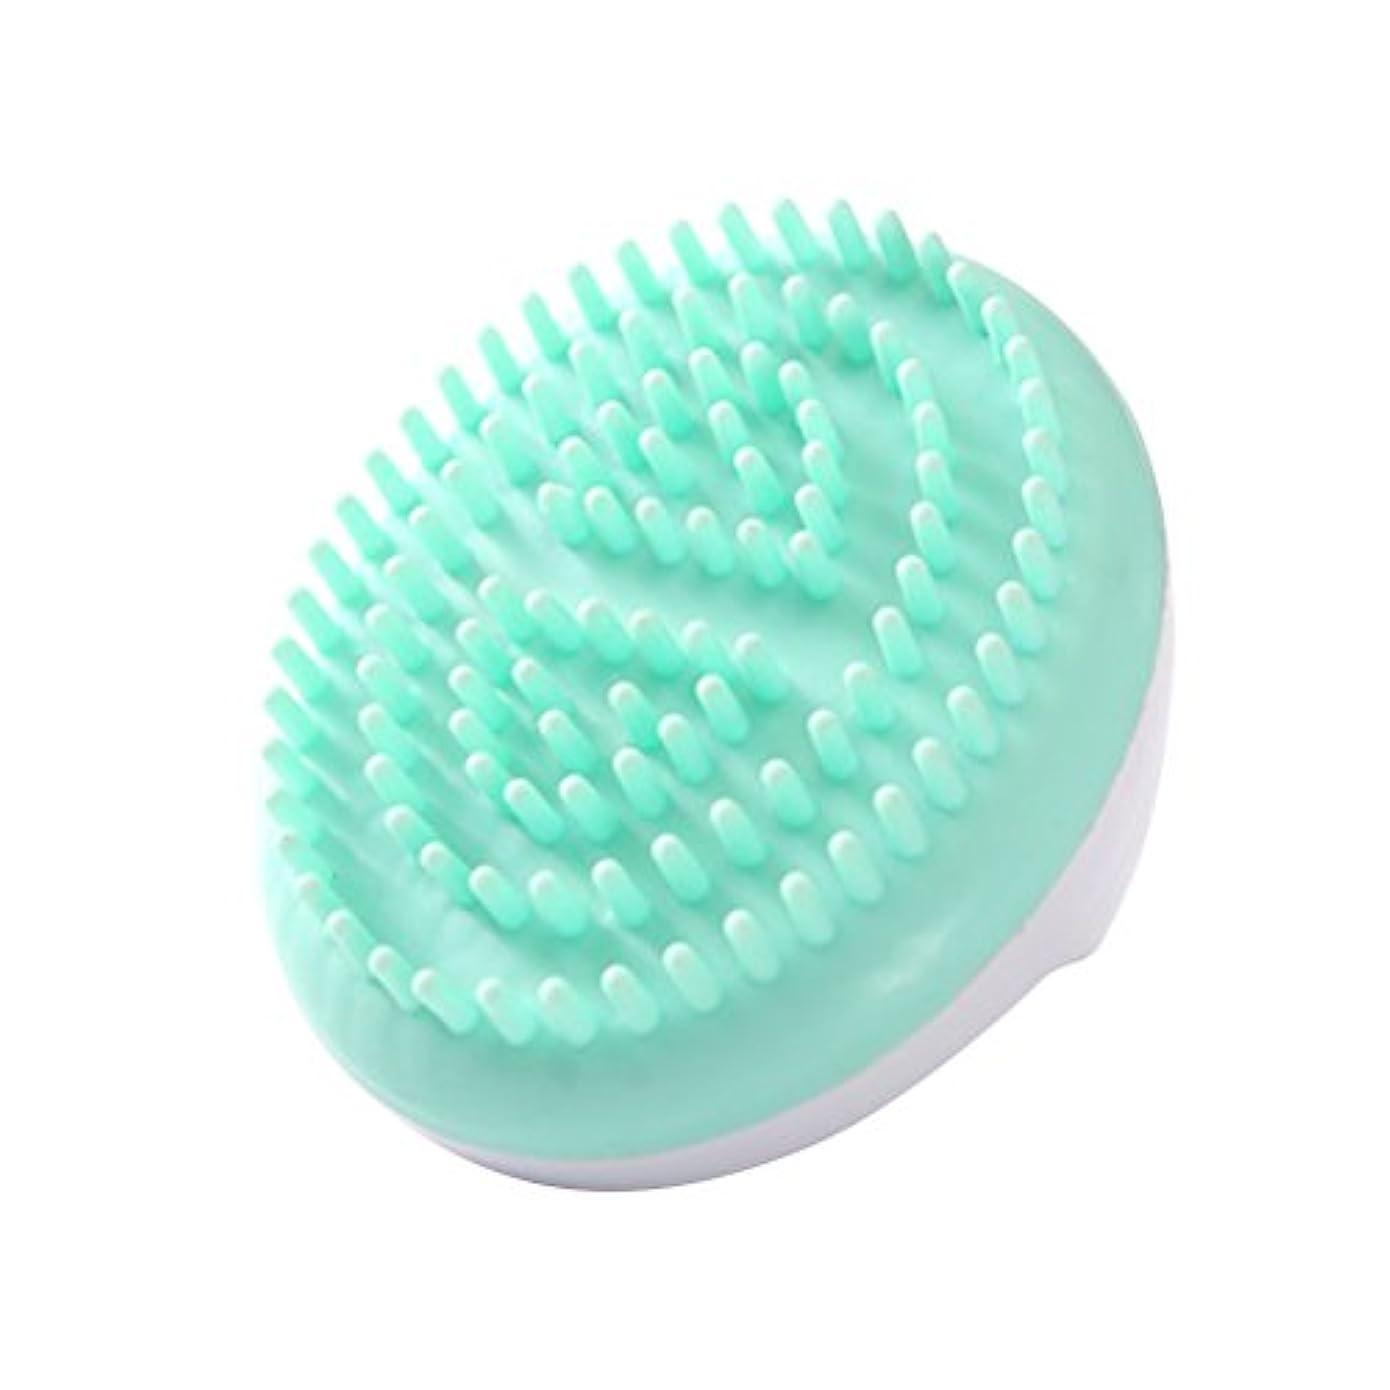 護衛悪のクランシーLURROSE セルライトマッサージブラシ手持ち風呂ブラシ抗セルライト痩身美容マッサージブラシ(グリーン)